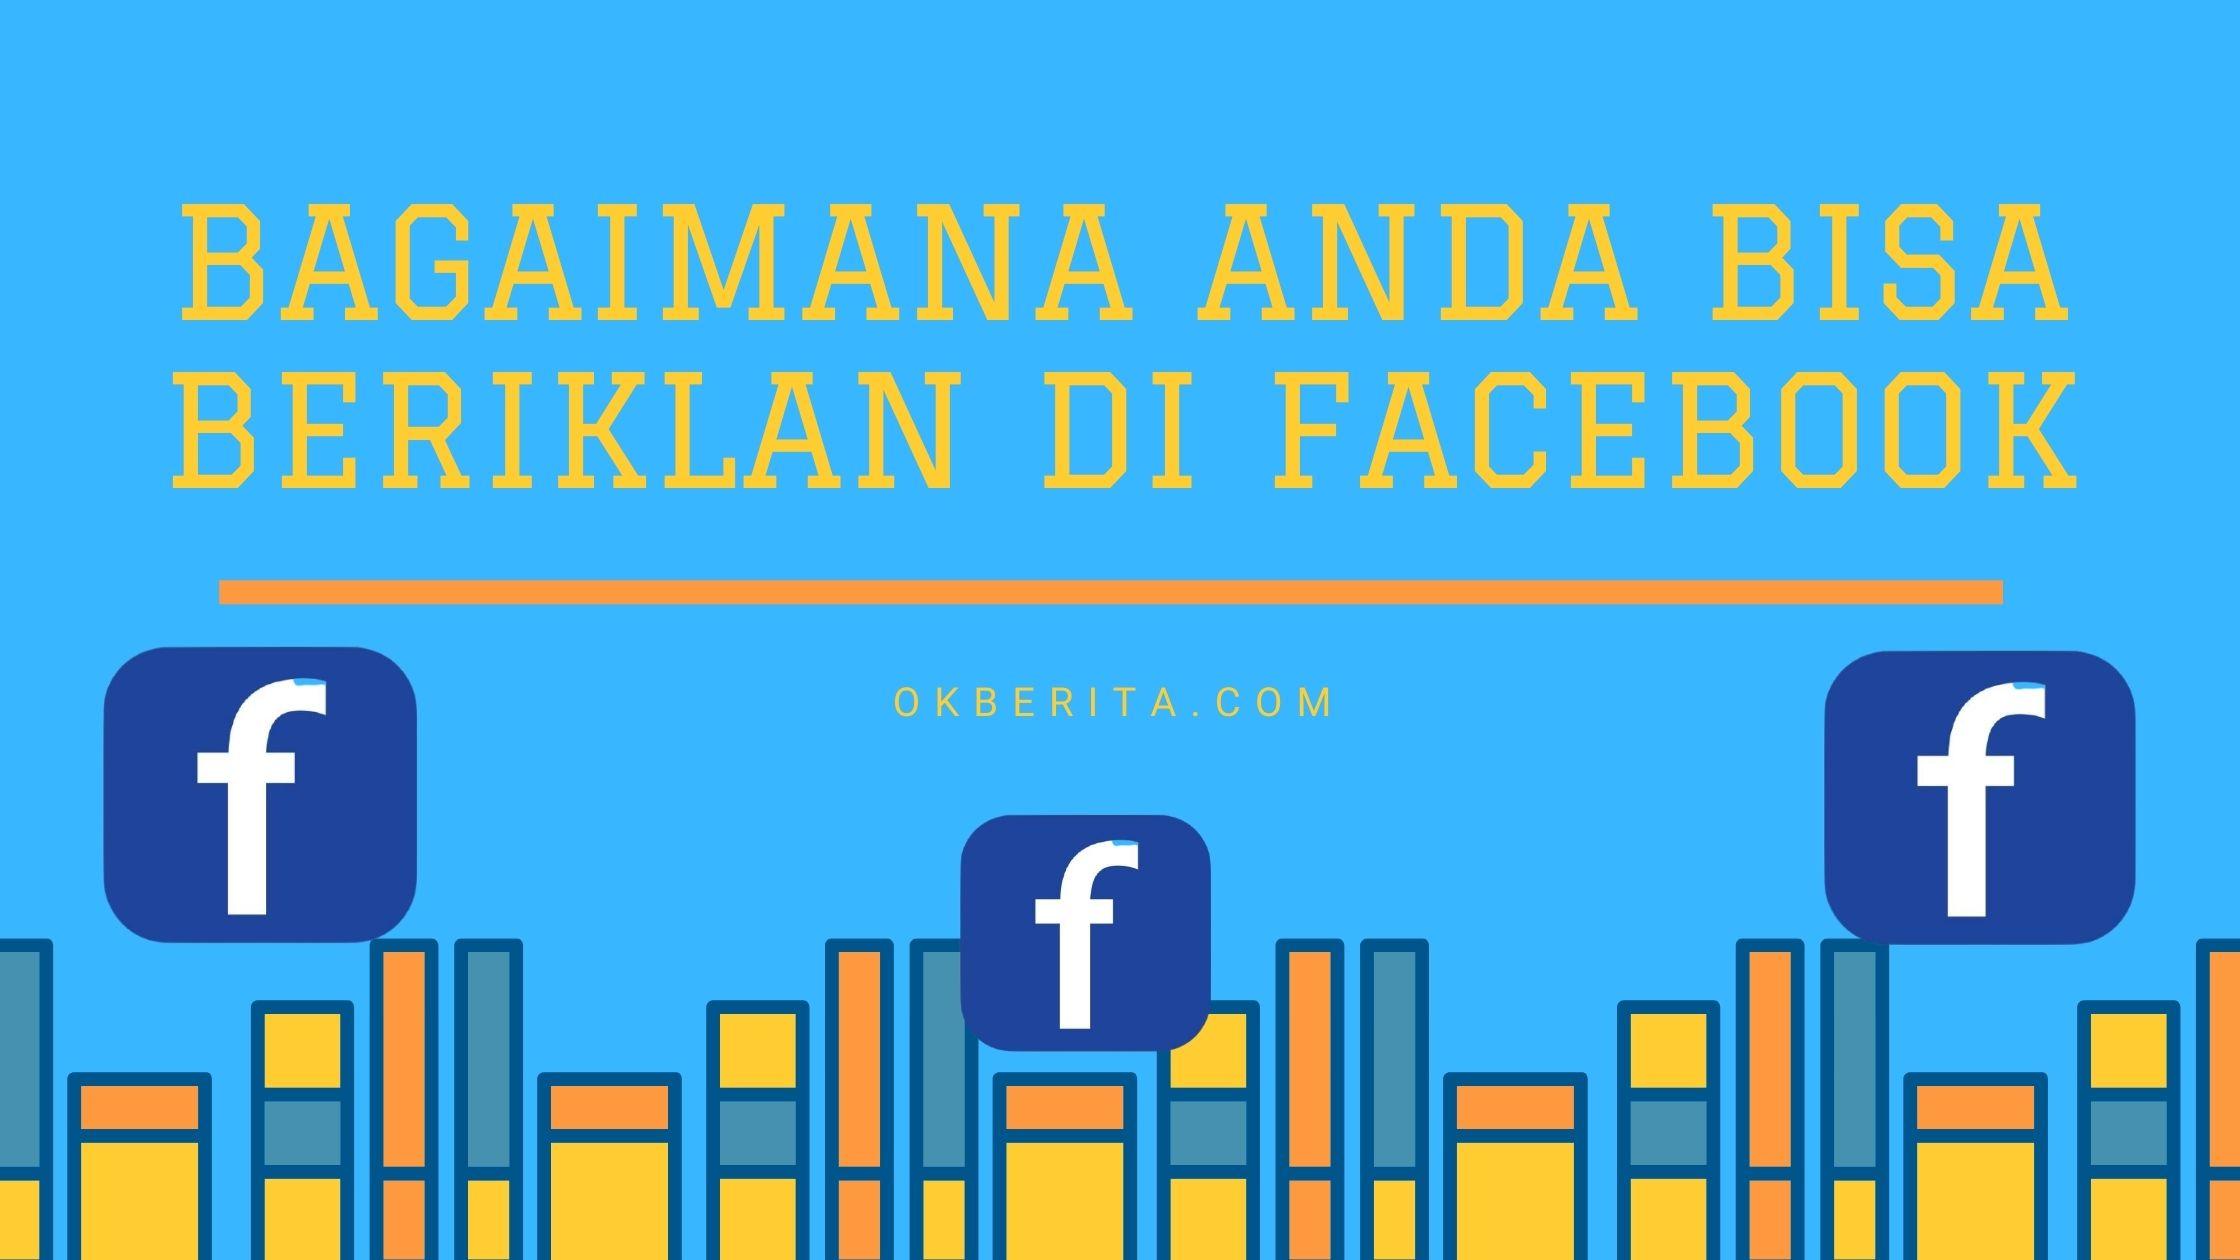 Bagaimana Anda bisa beriklan di Facebook